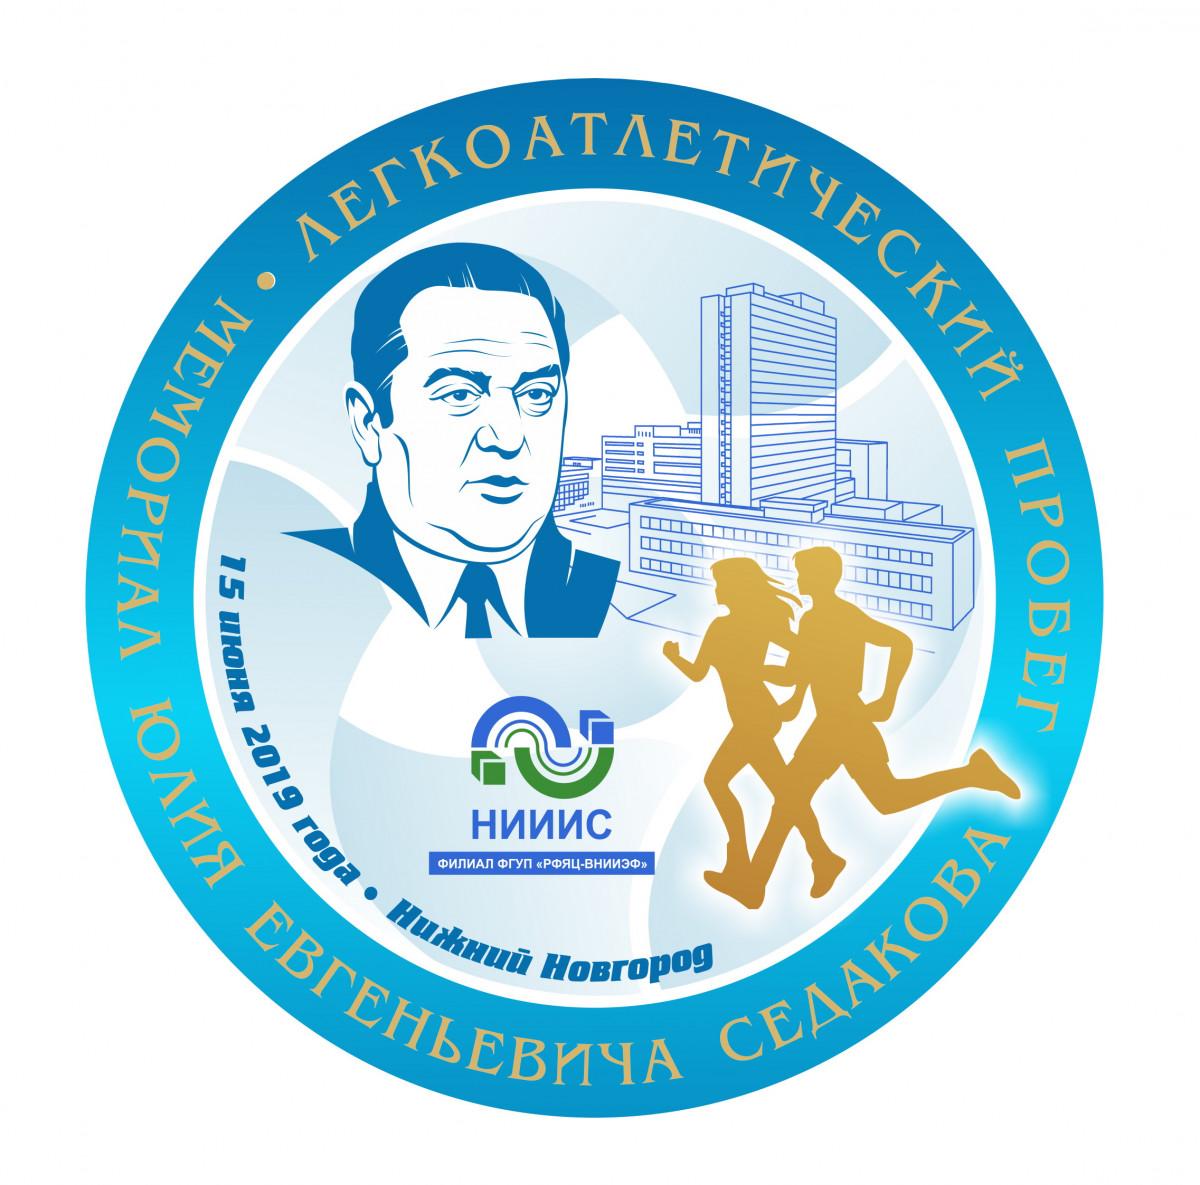 Легкоатлетический пробег «Мемориал Седакова-2019» пройдет вНижнем Новгороде